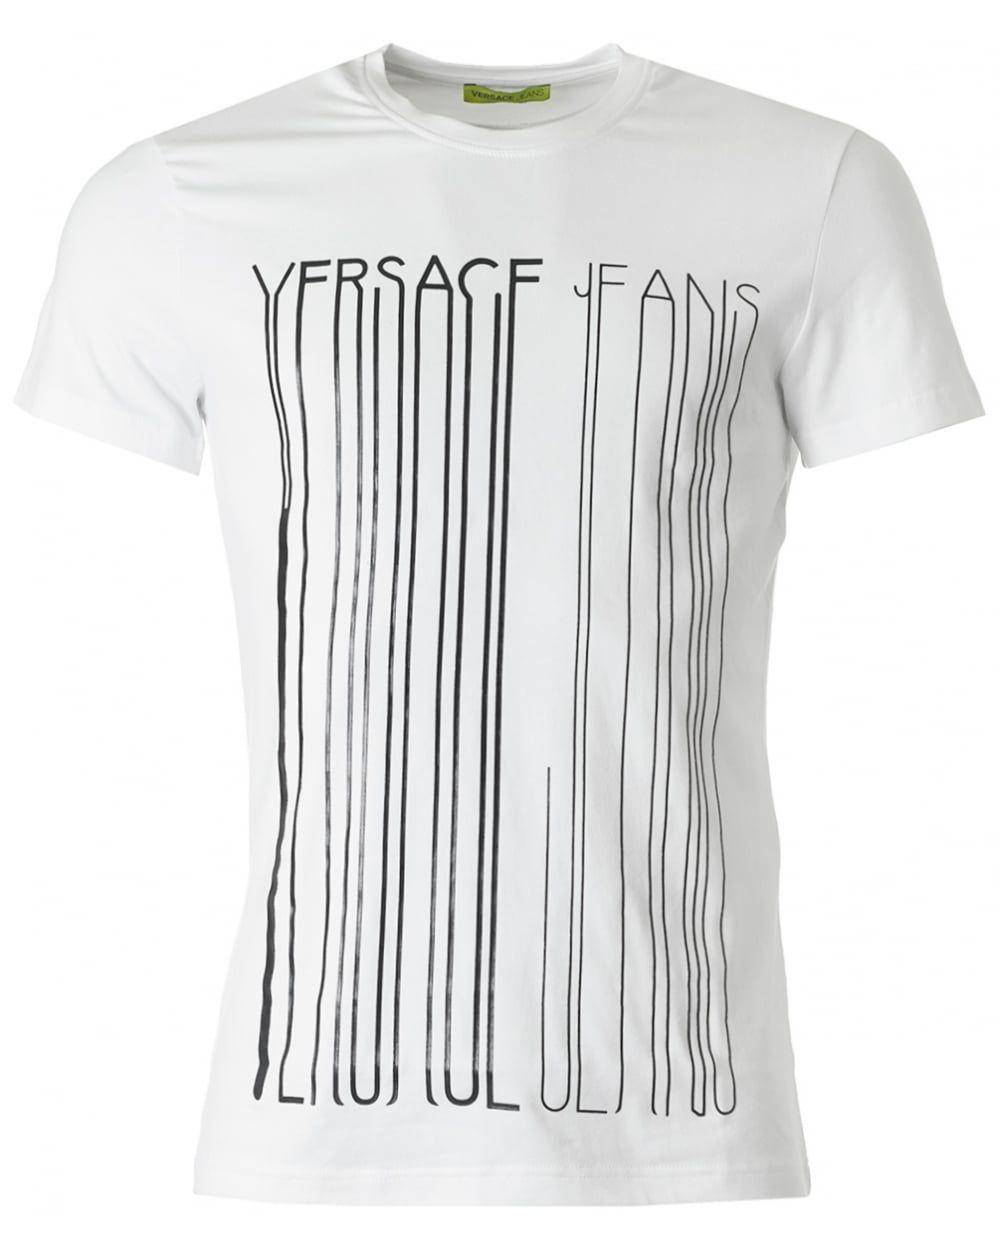 a8a5347a6 Versace Jeans Crew Neck Foil Logo T Shirt Black | Mainline .